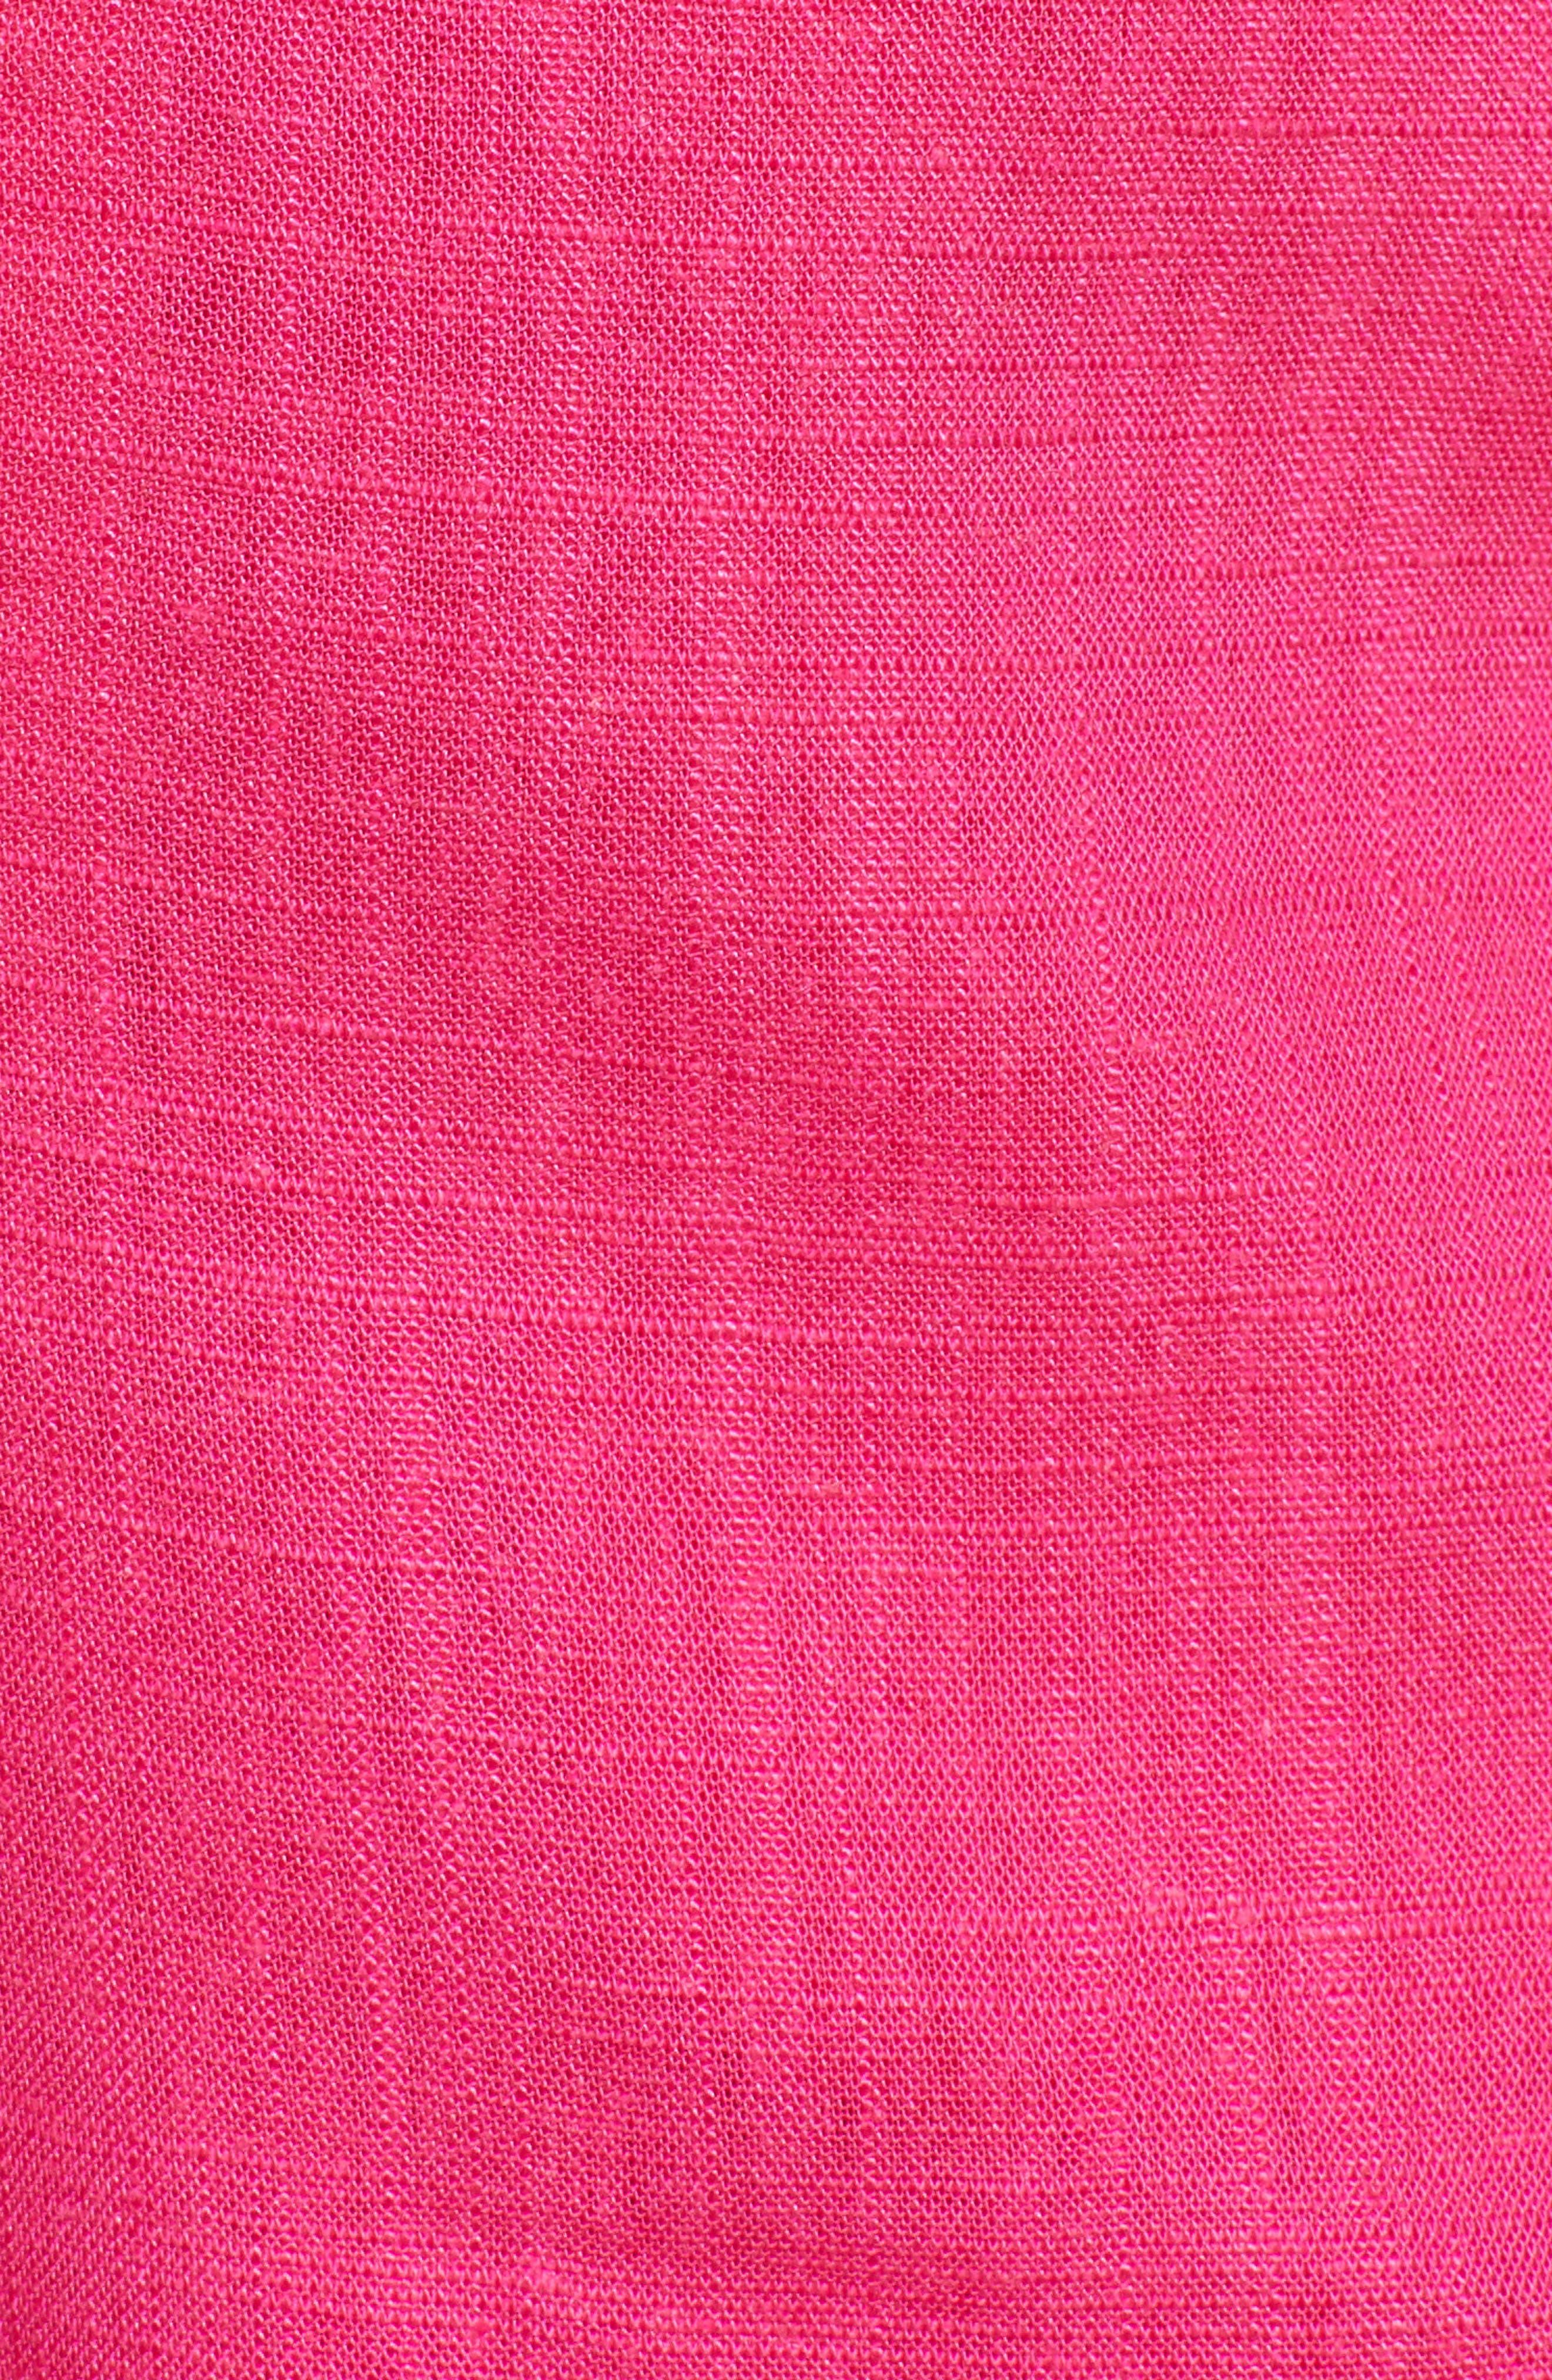 Button Front Linen & Cotton Shorts,                             Alternate thumbnail 5, color,                             650